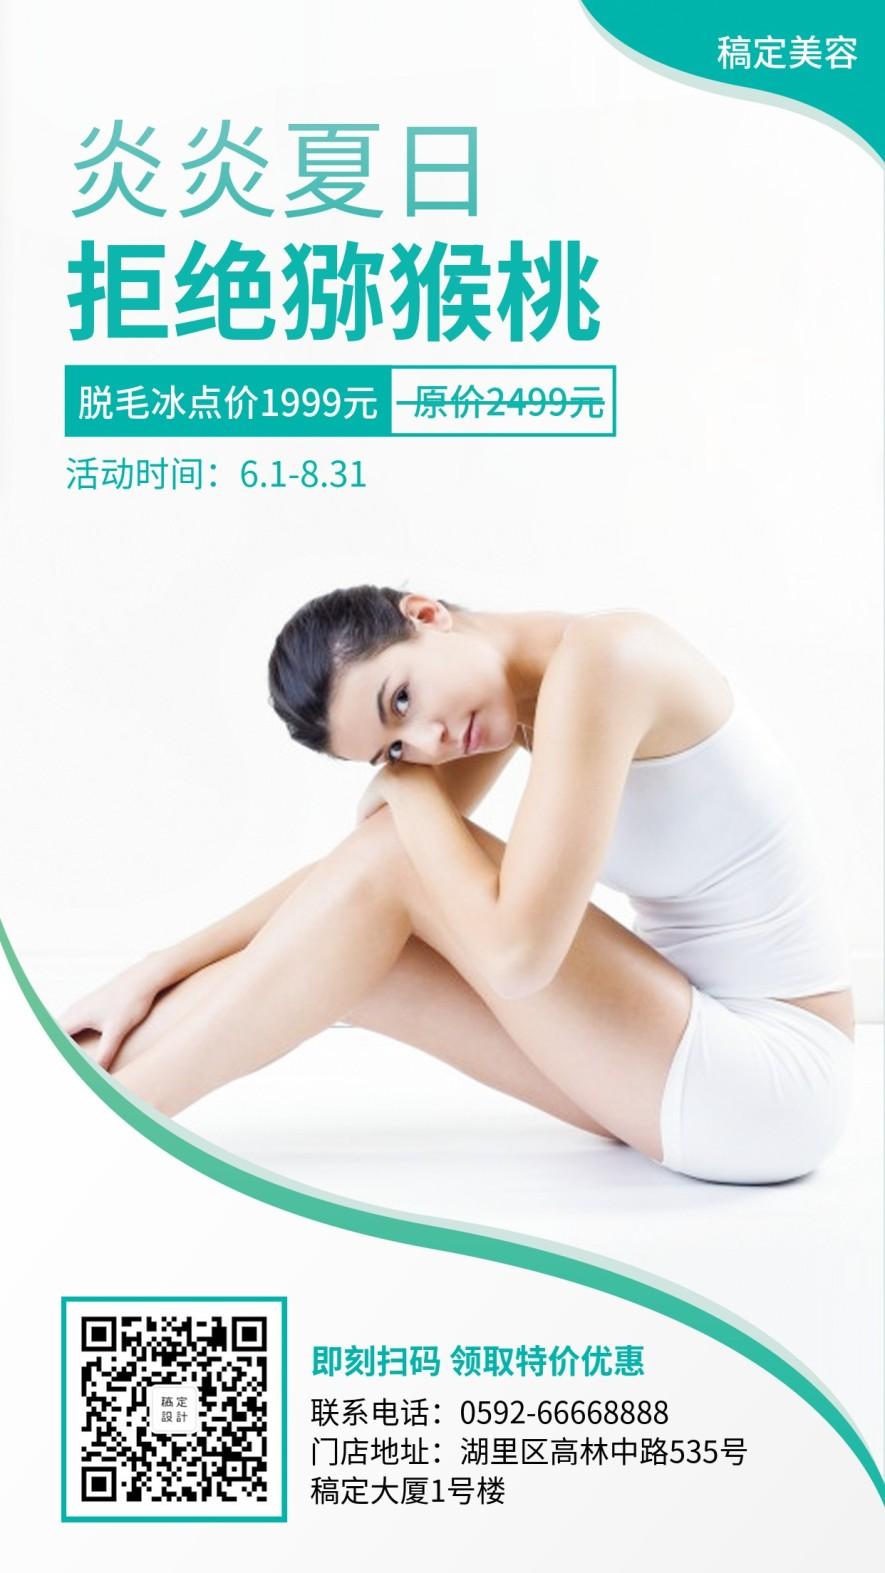 脱毛/促销/手机海报